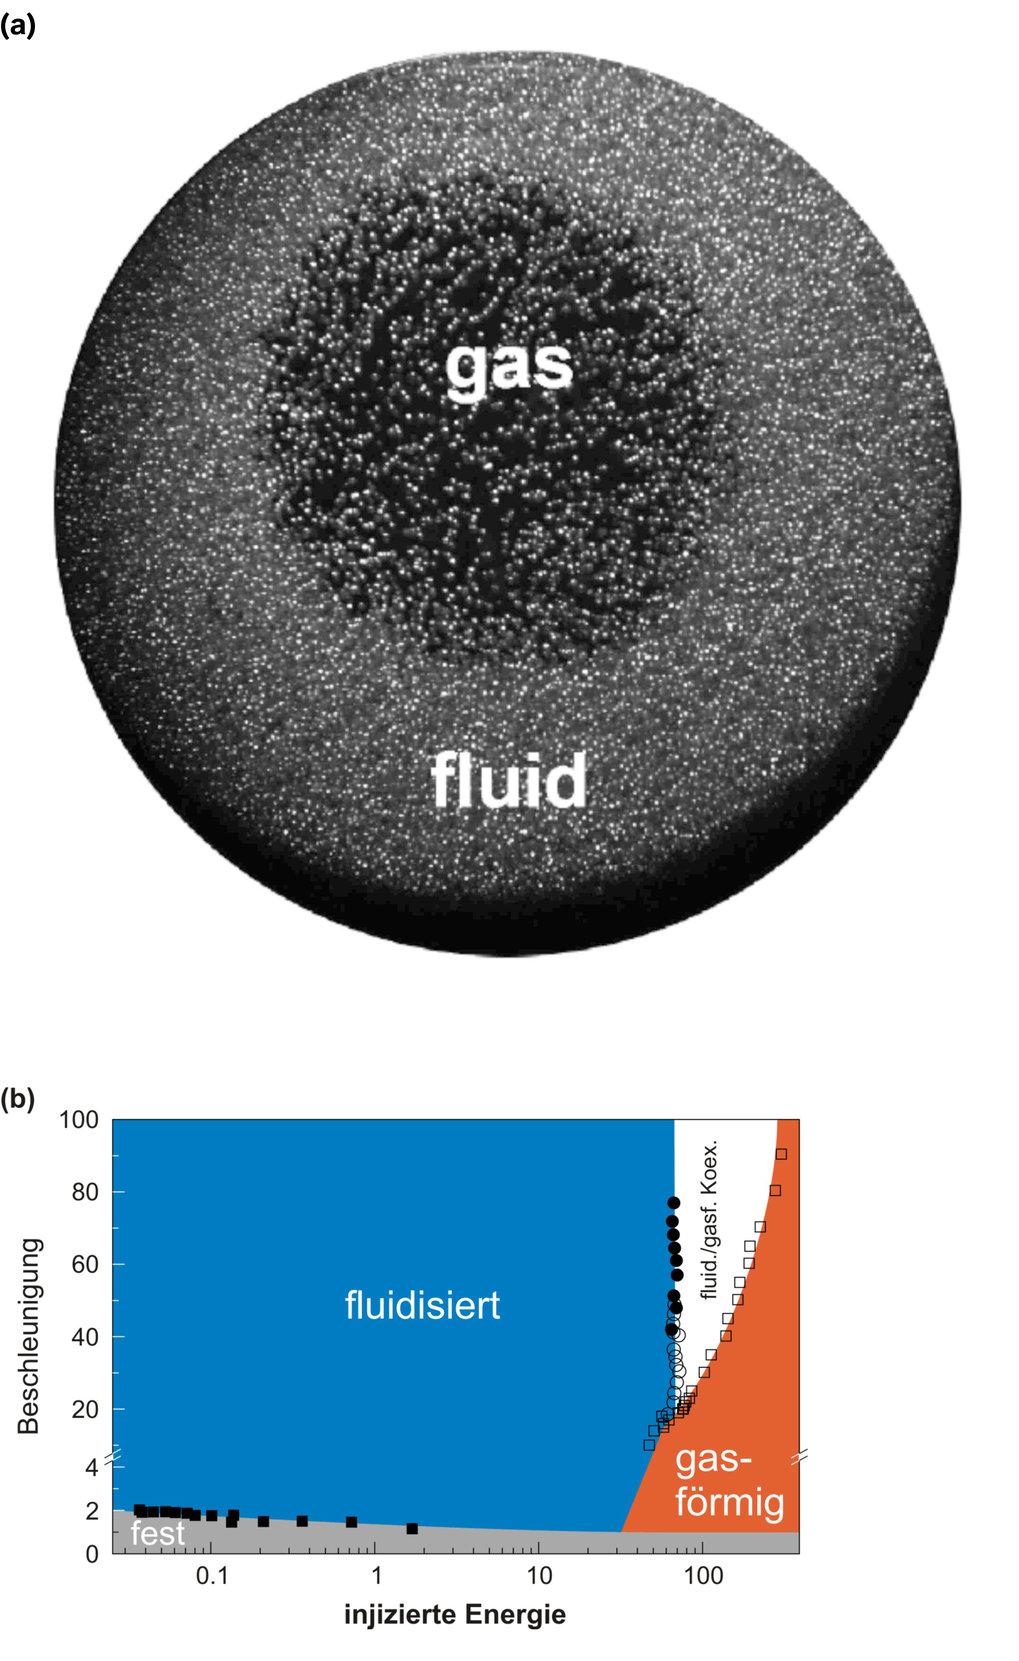 (a) Blick in eine Petrischale voller Glaskugeln, die vertikal vibriert wird. Die Glaskugeln wurden vorher mit Wasser befeuchtet. Man sieht deutlich di